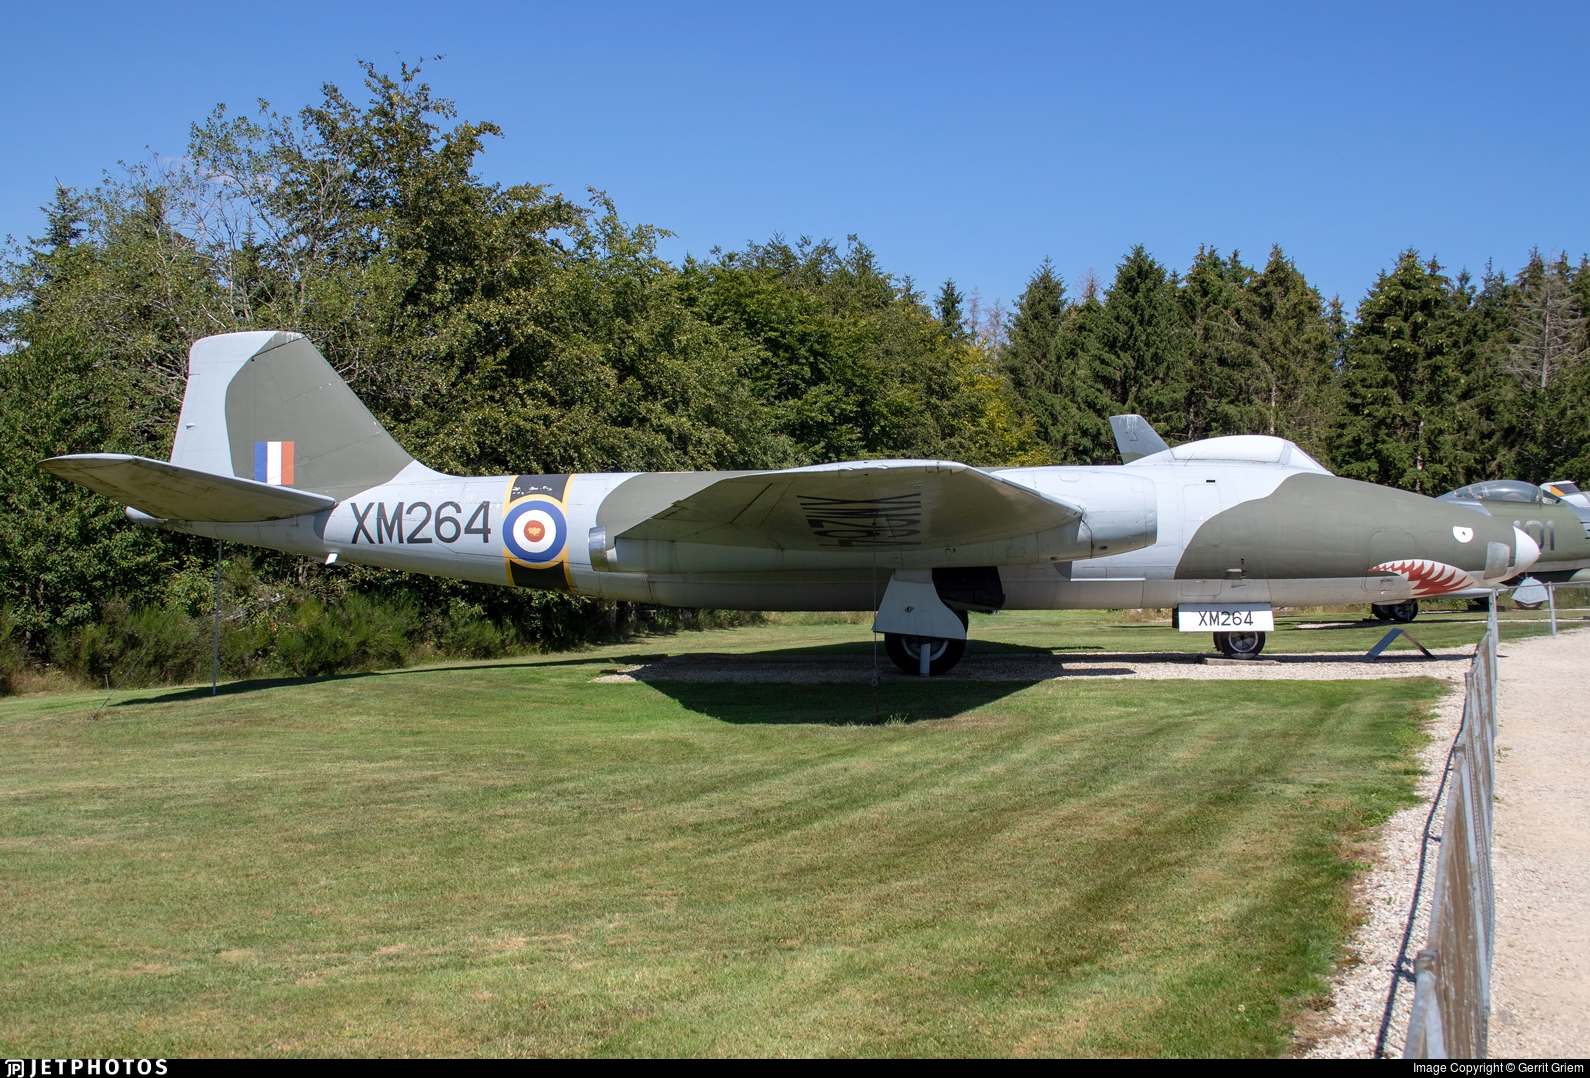 XM264 - English Electric Canberra B(I).8 - United Kingdom - Royal Air Force (RAF)